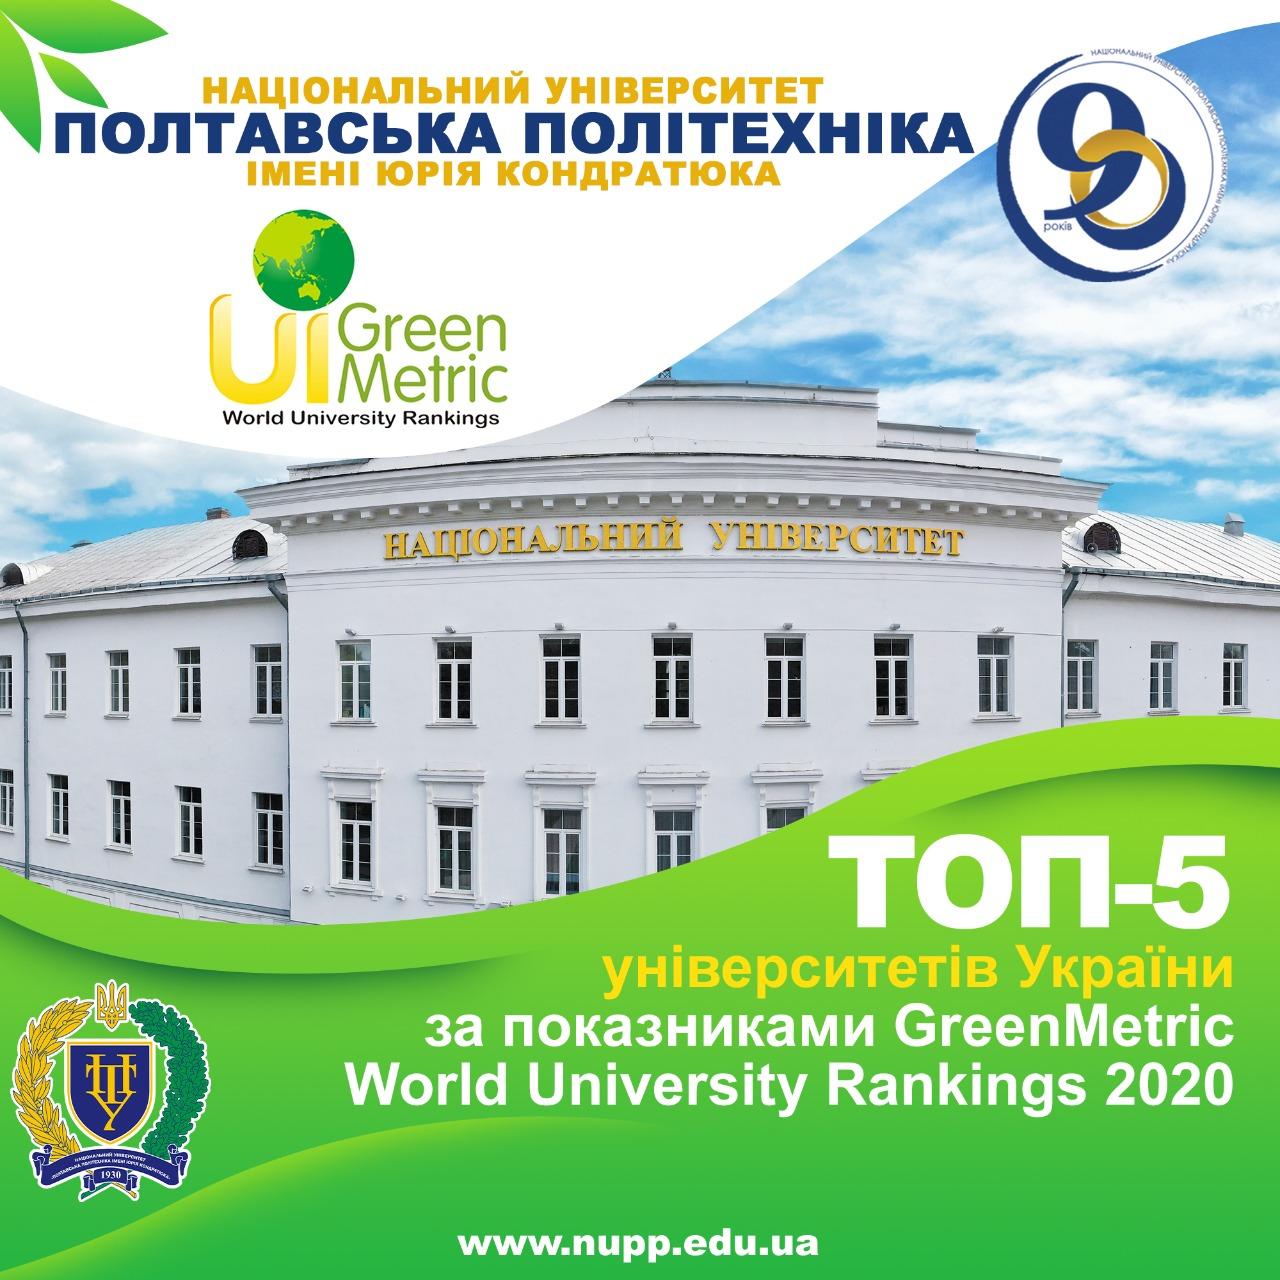 UI GreenMetric-2020: у світовому рейтингу екологічності кампусів політехніка посіла 5 місце в Україні